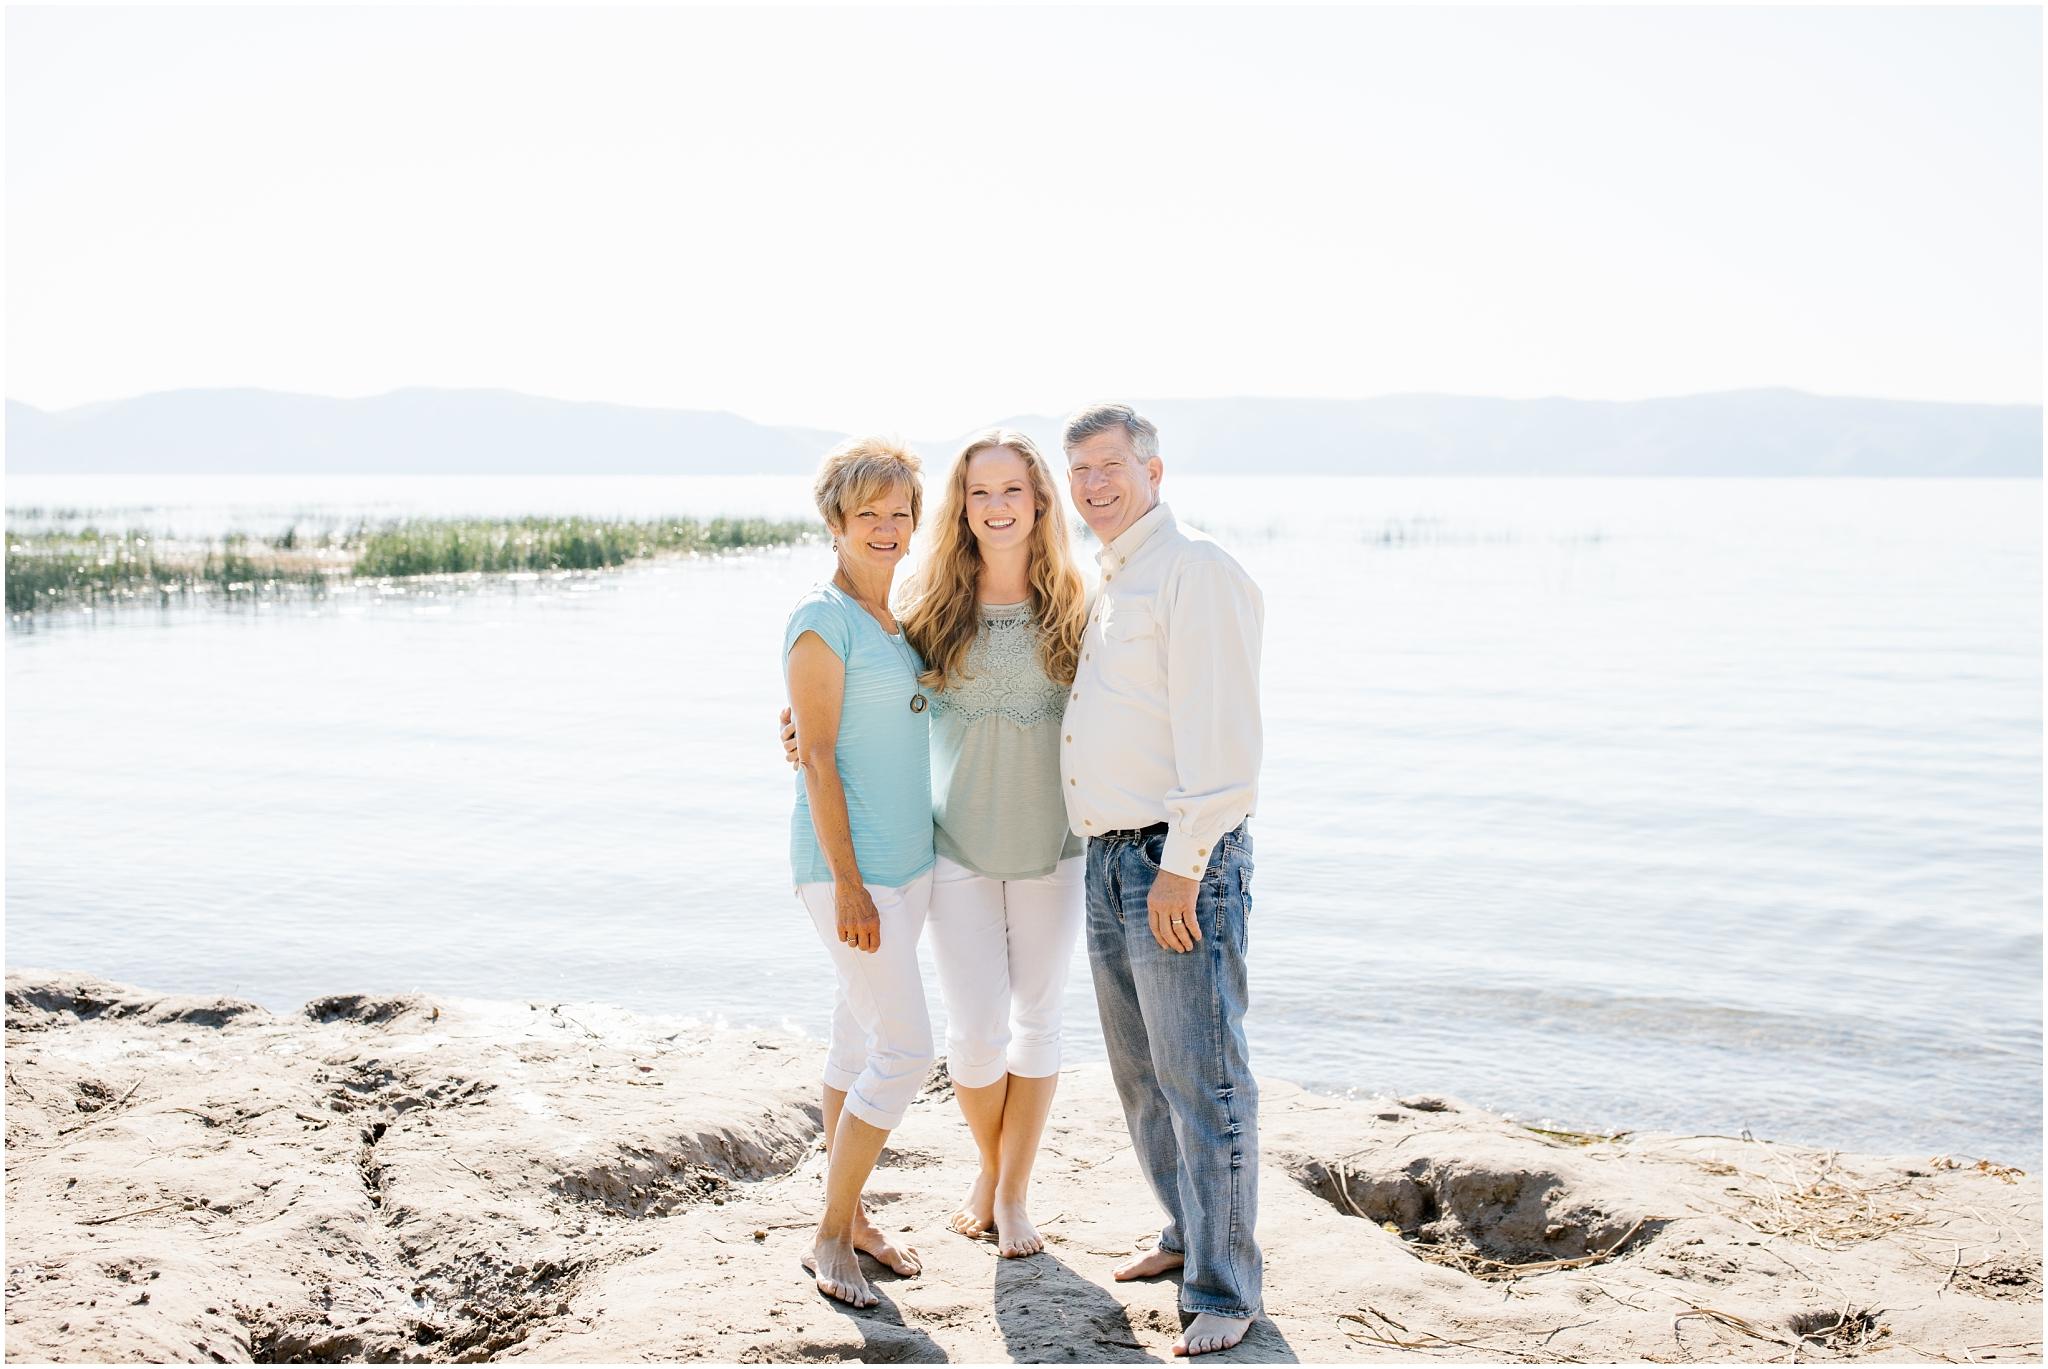 Harris-209_Lizzie-B-Imagery-Utah-Family-Photographer-Park-City-Salt-Lake-City-Bear-Lake-Idaho.jpg